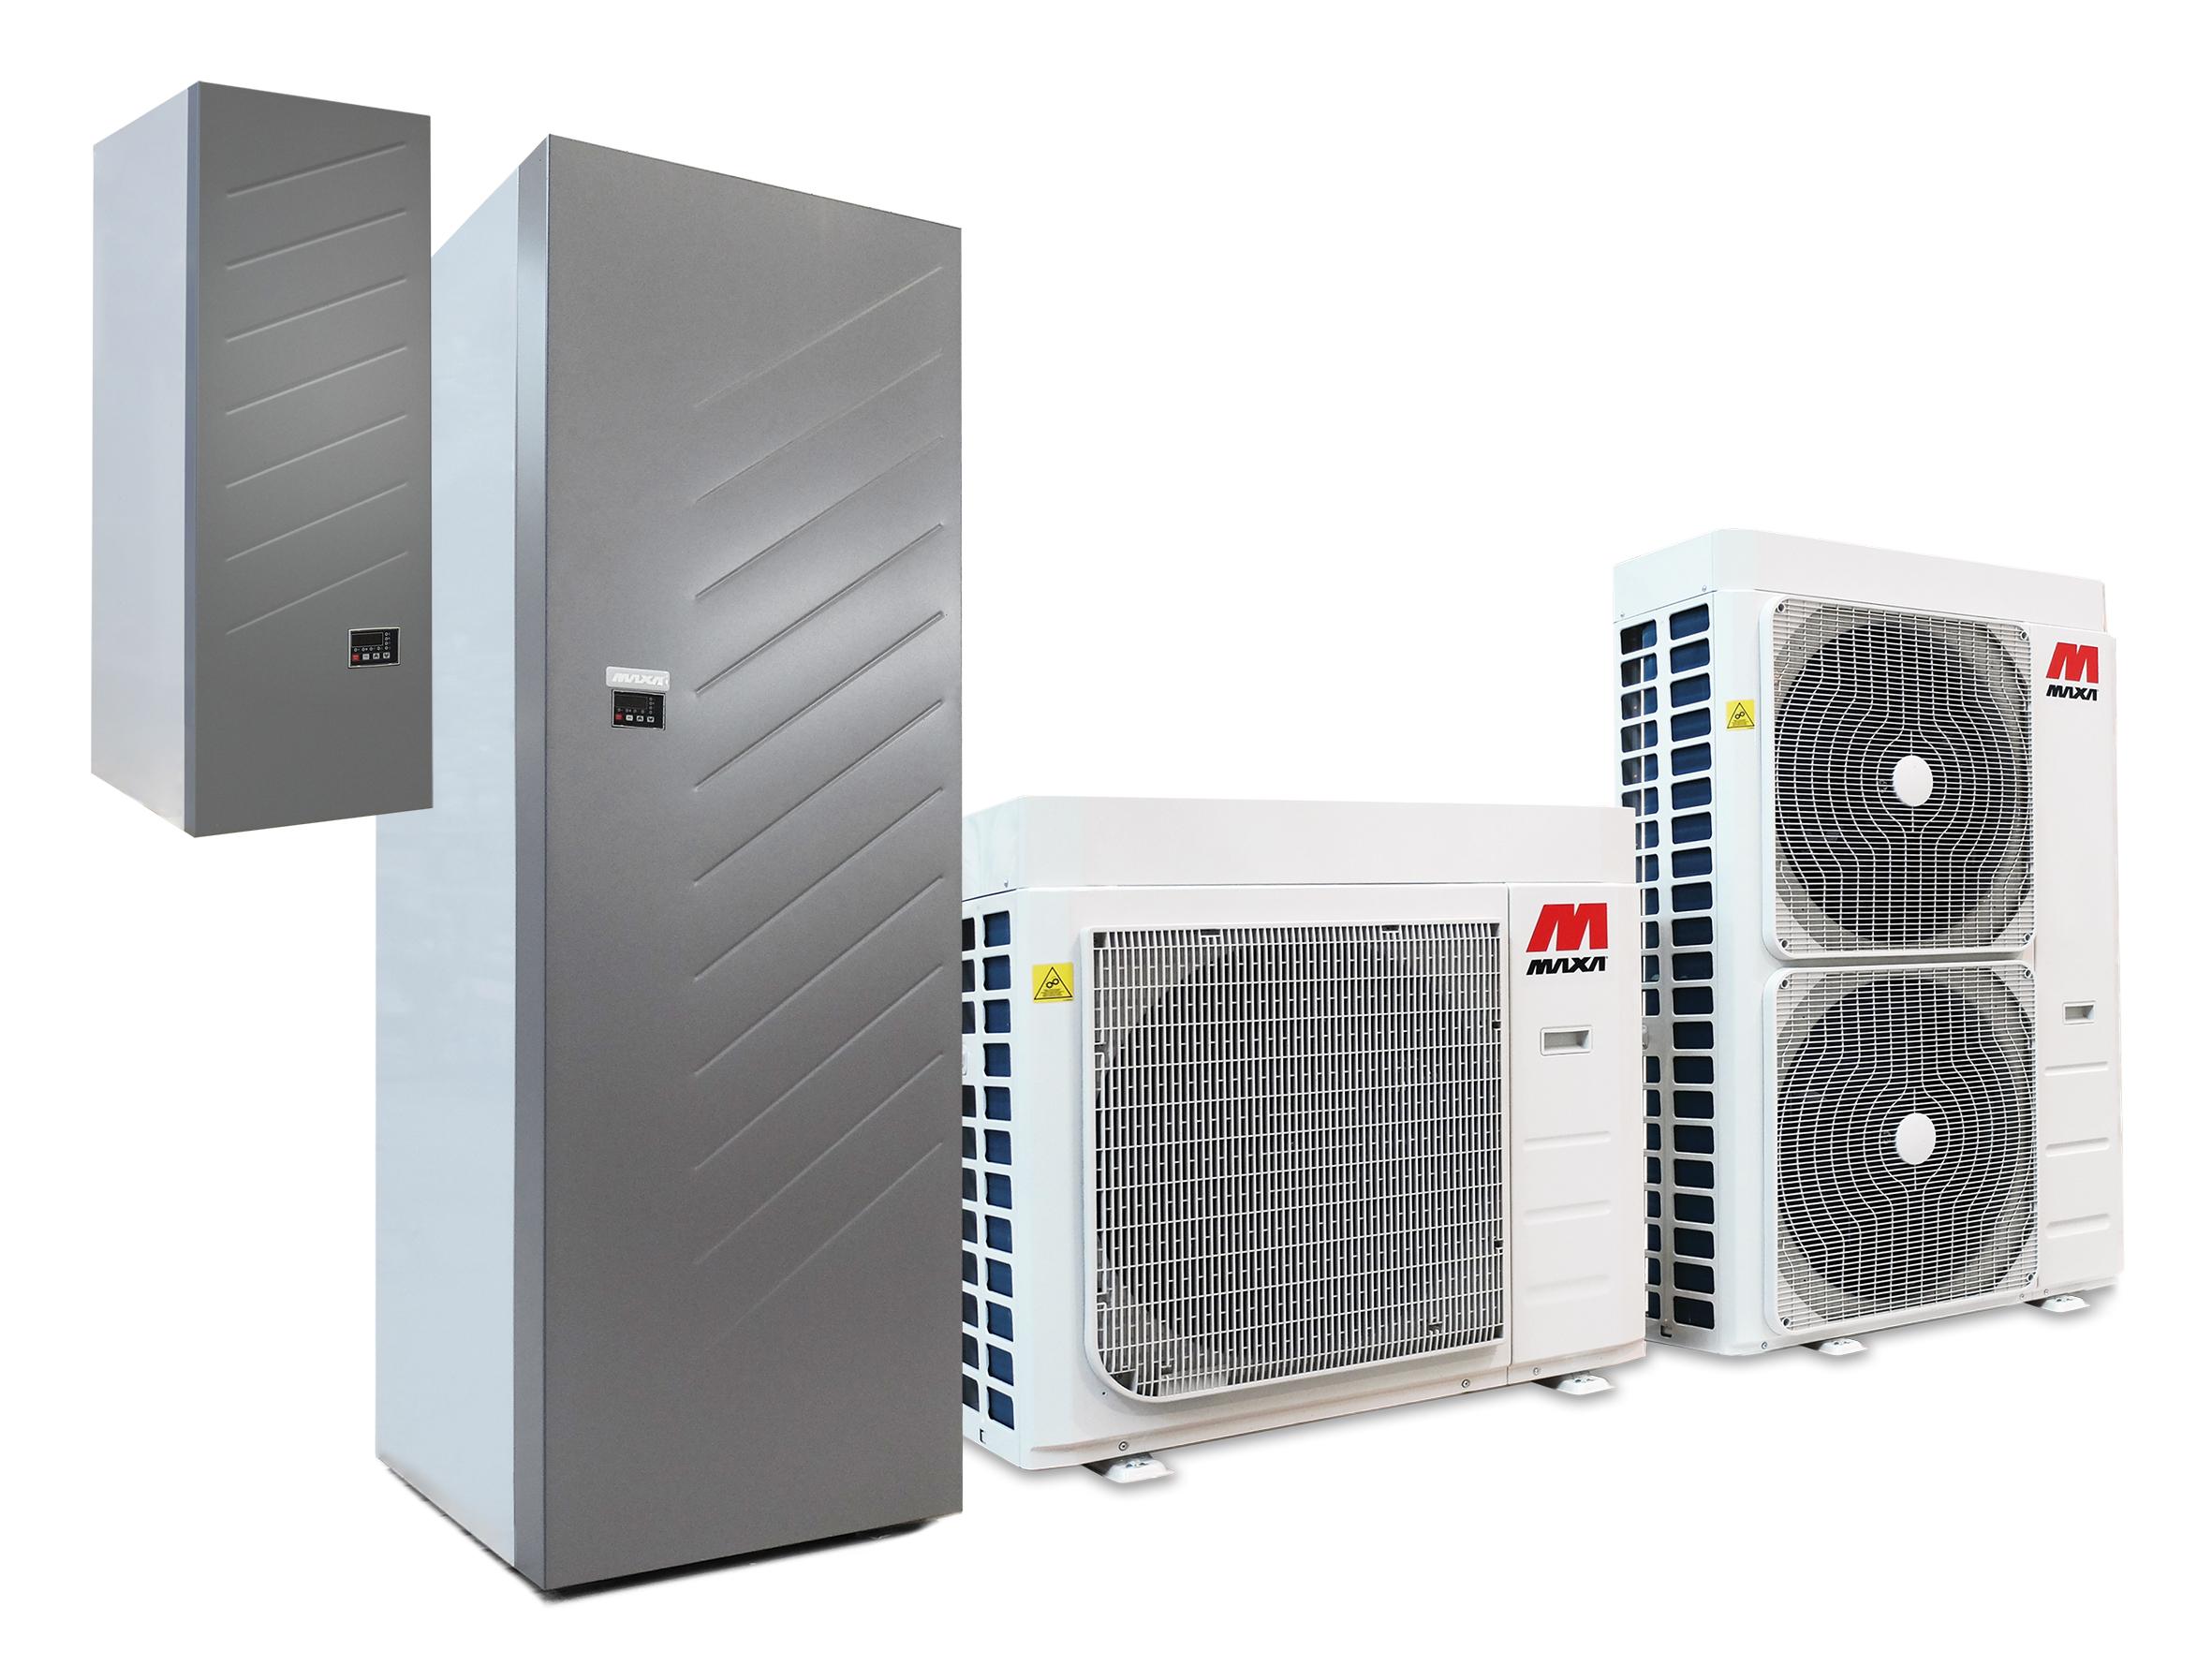 Pompa Di Calore Ventilconvettori maxa: pompe di calore ad inversione di ciclo da 6 fino a 16 kw